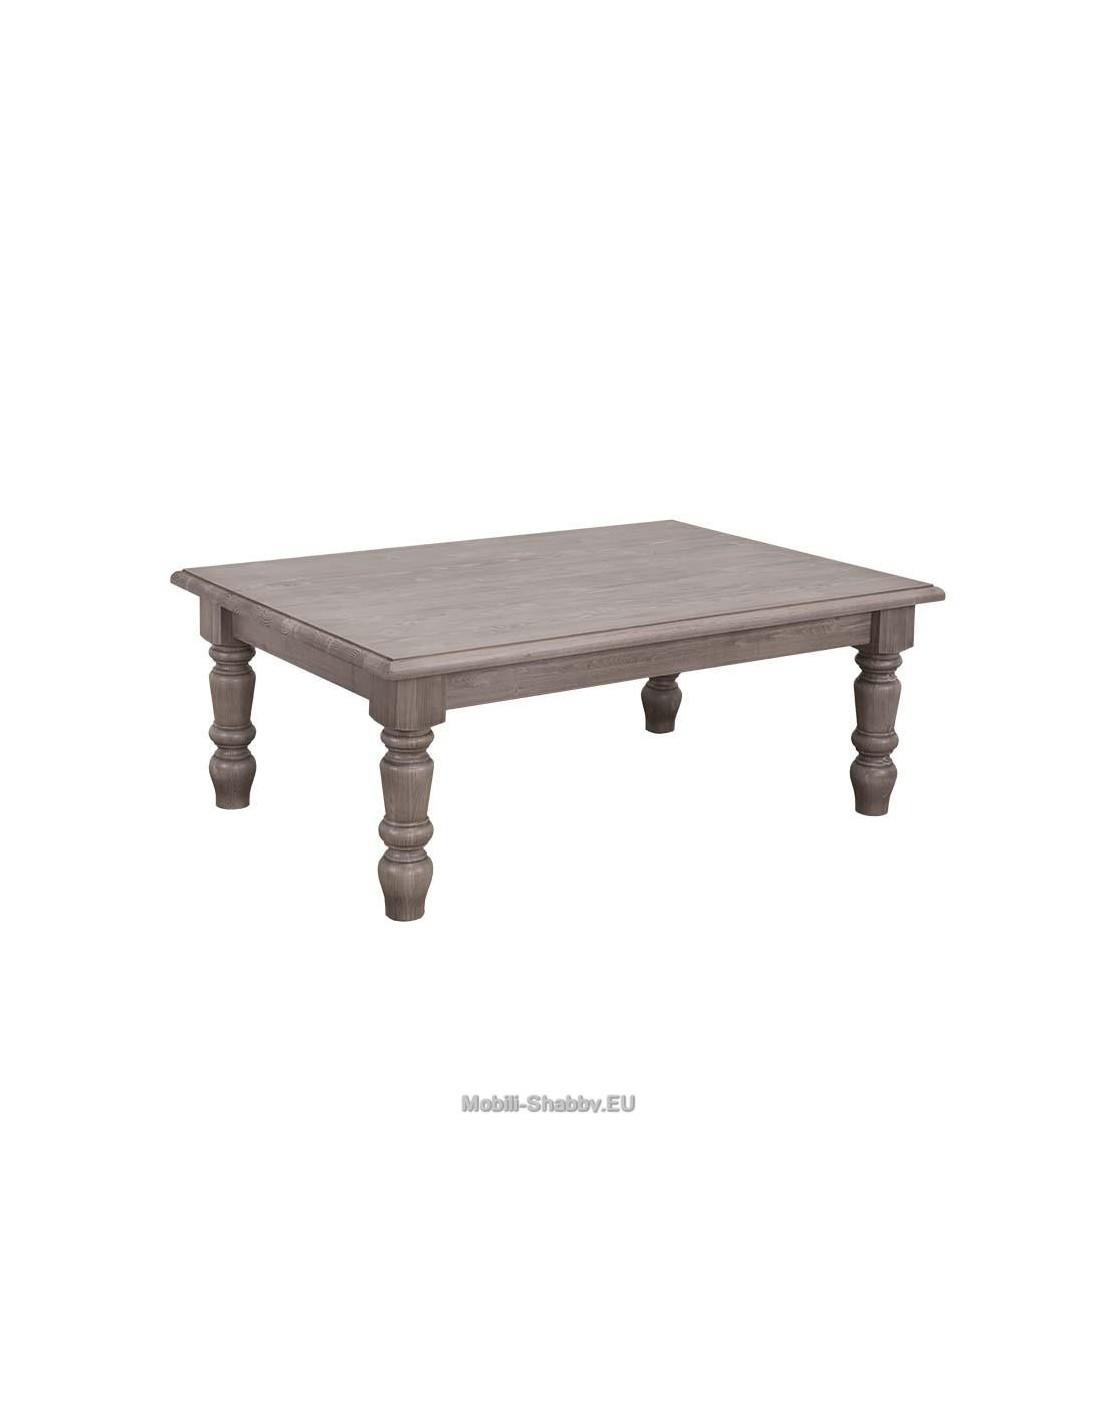 Tavolo basso legno massello stile shabby chic MS446 - Orissa Milano